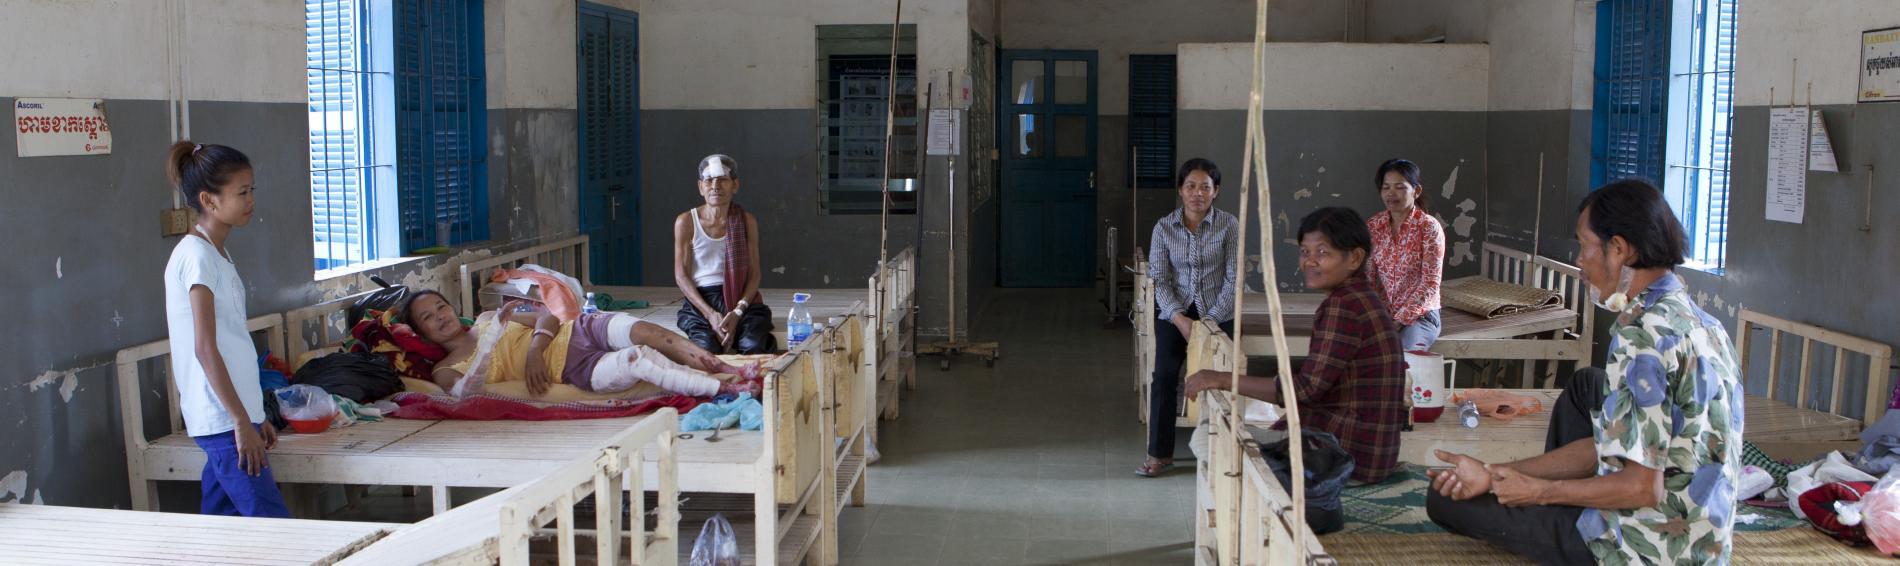 Gesundheitszentrum in Phon Penh. Foto: Fabian Fierchter